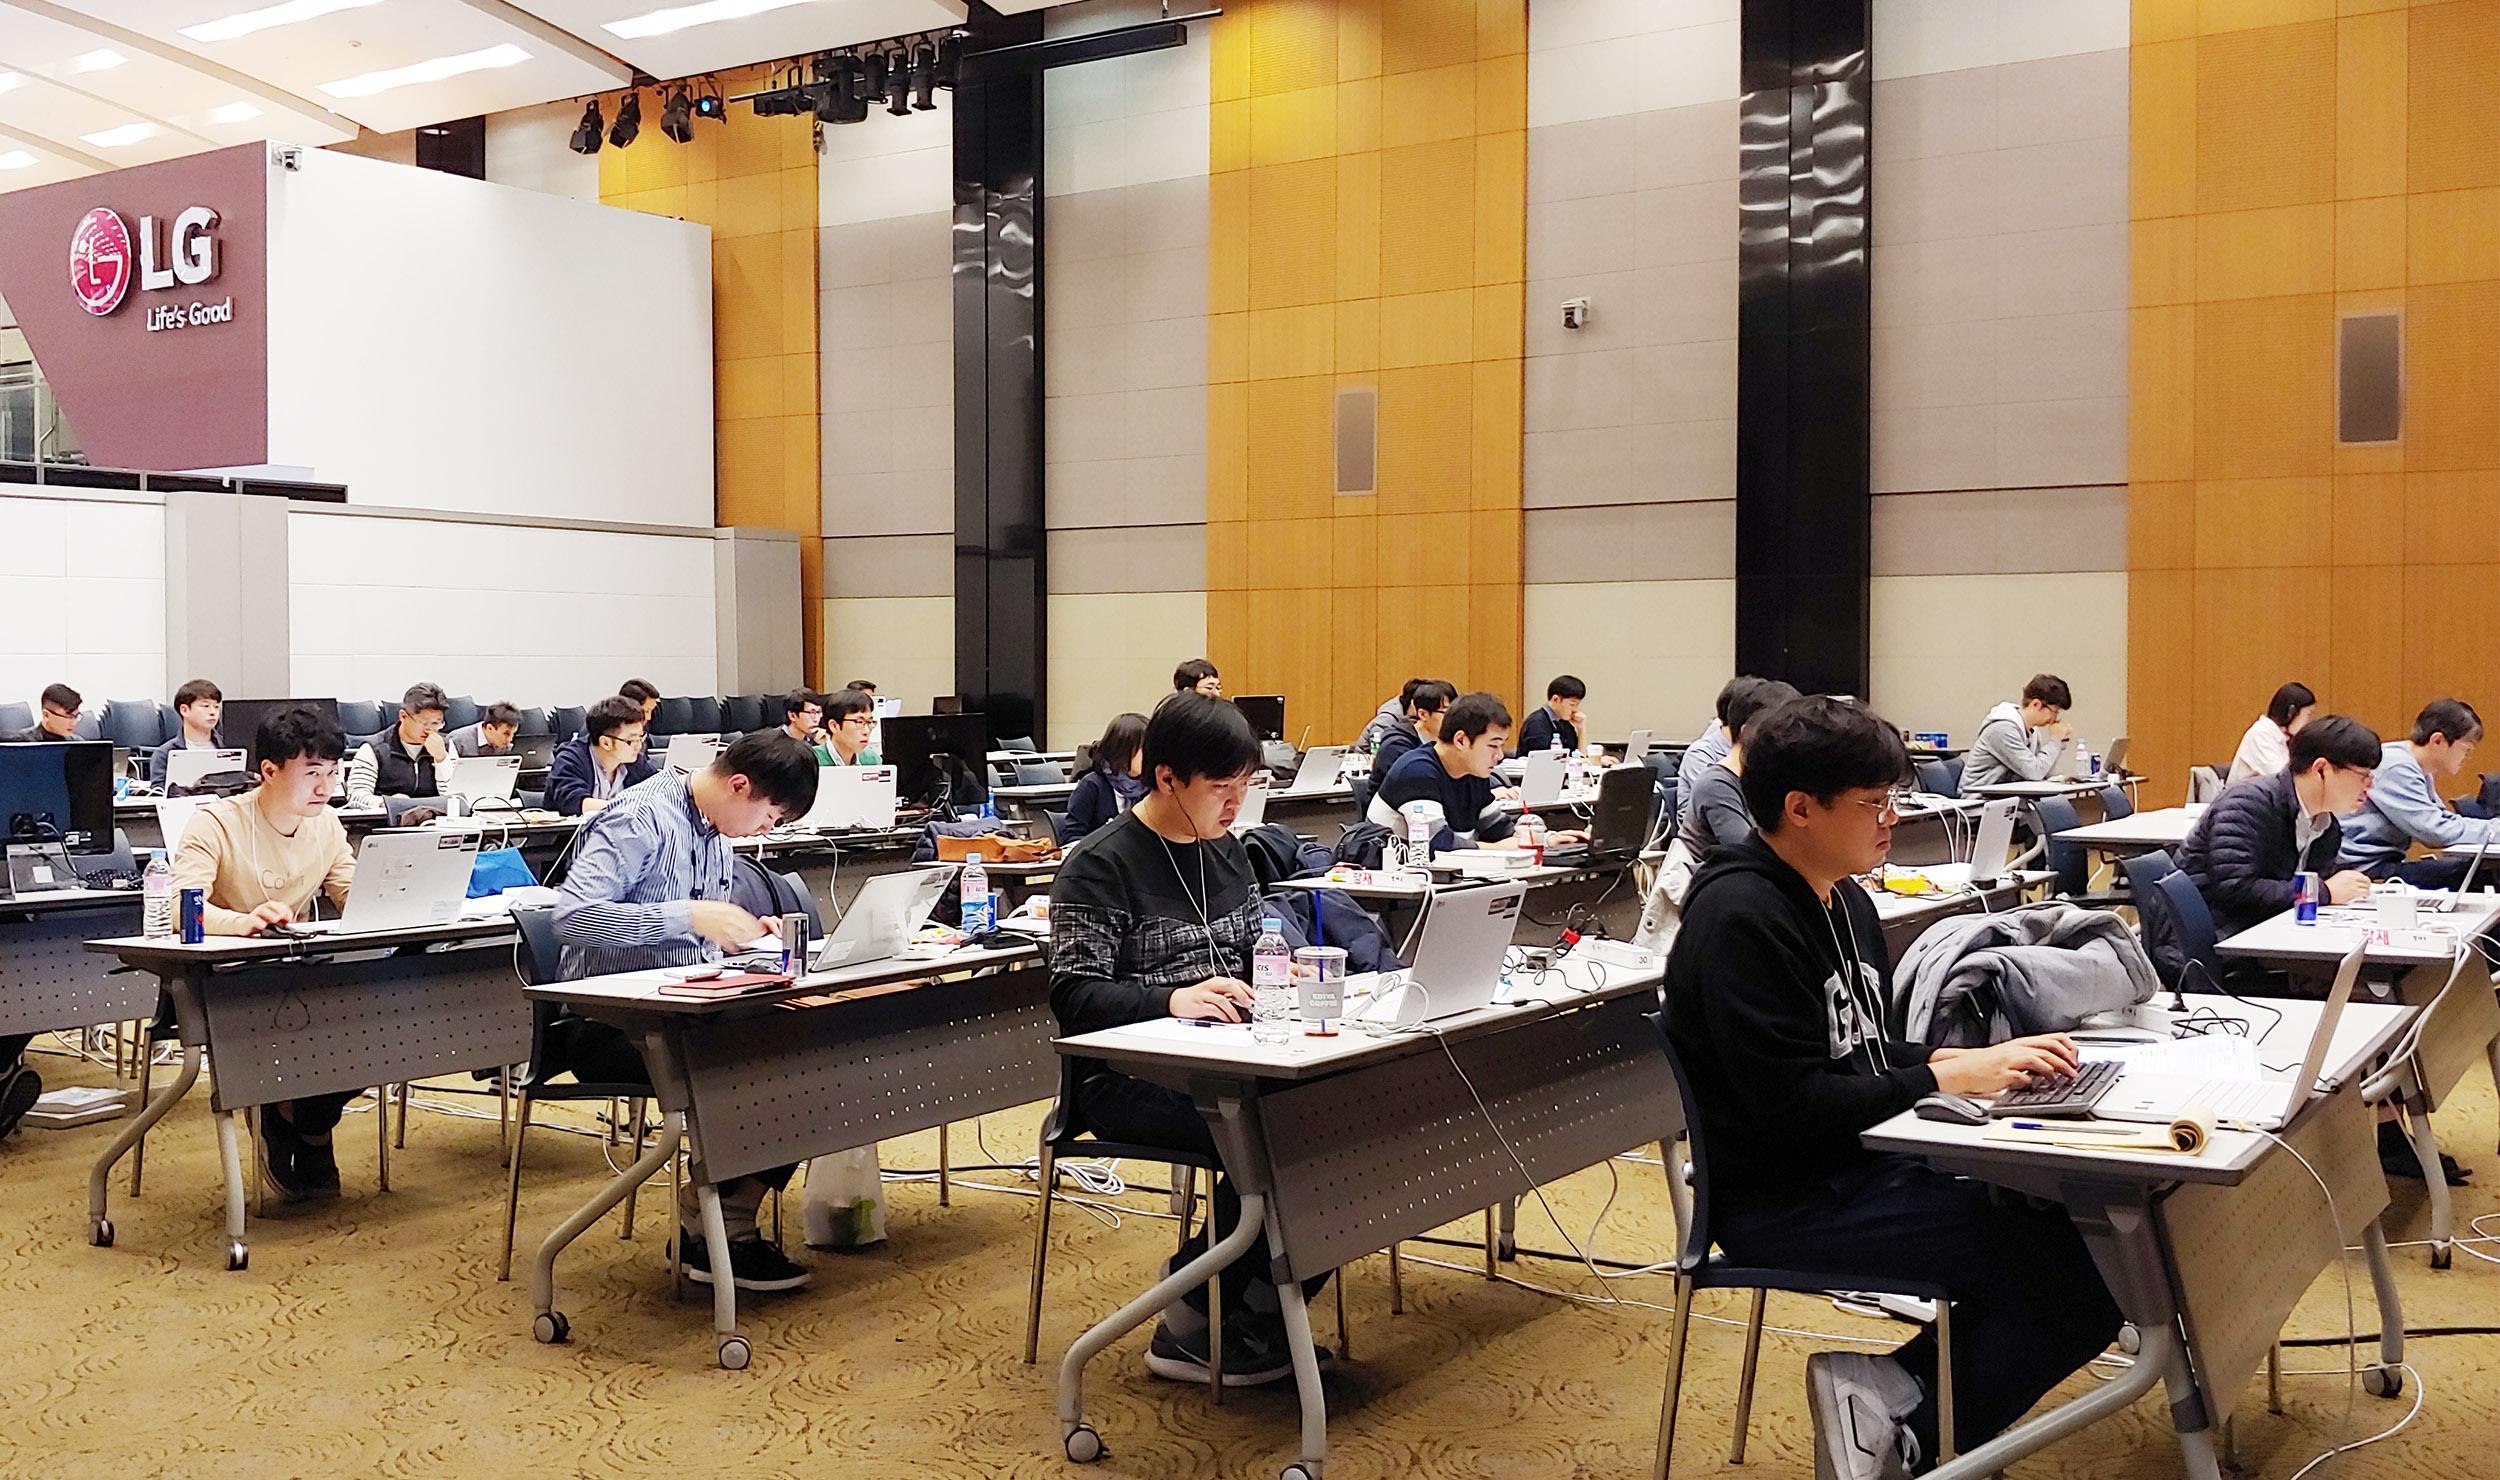 LG전자가 인공지능 시대를 이끄는 핵심 역량인 소프트웨어를 육성하기 위해 코딩전문가를 적극 키우고 있다. LG전자는 지난 23일 서울 양재동 서초R&D캠퍼스에서 CTO 박일평 사장이 참석한 가운데 소프트웨어 코딩전문가 인증식을 진행했다. 사진은 지난 2일 열린 코딩 경연대회 '코드잼'에서 연구원들이 코딩실력을 겨루고 있다.